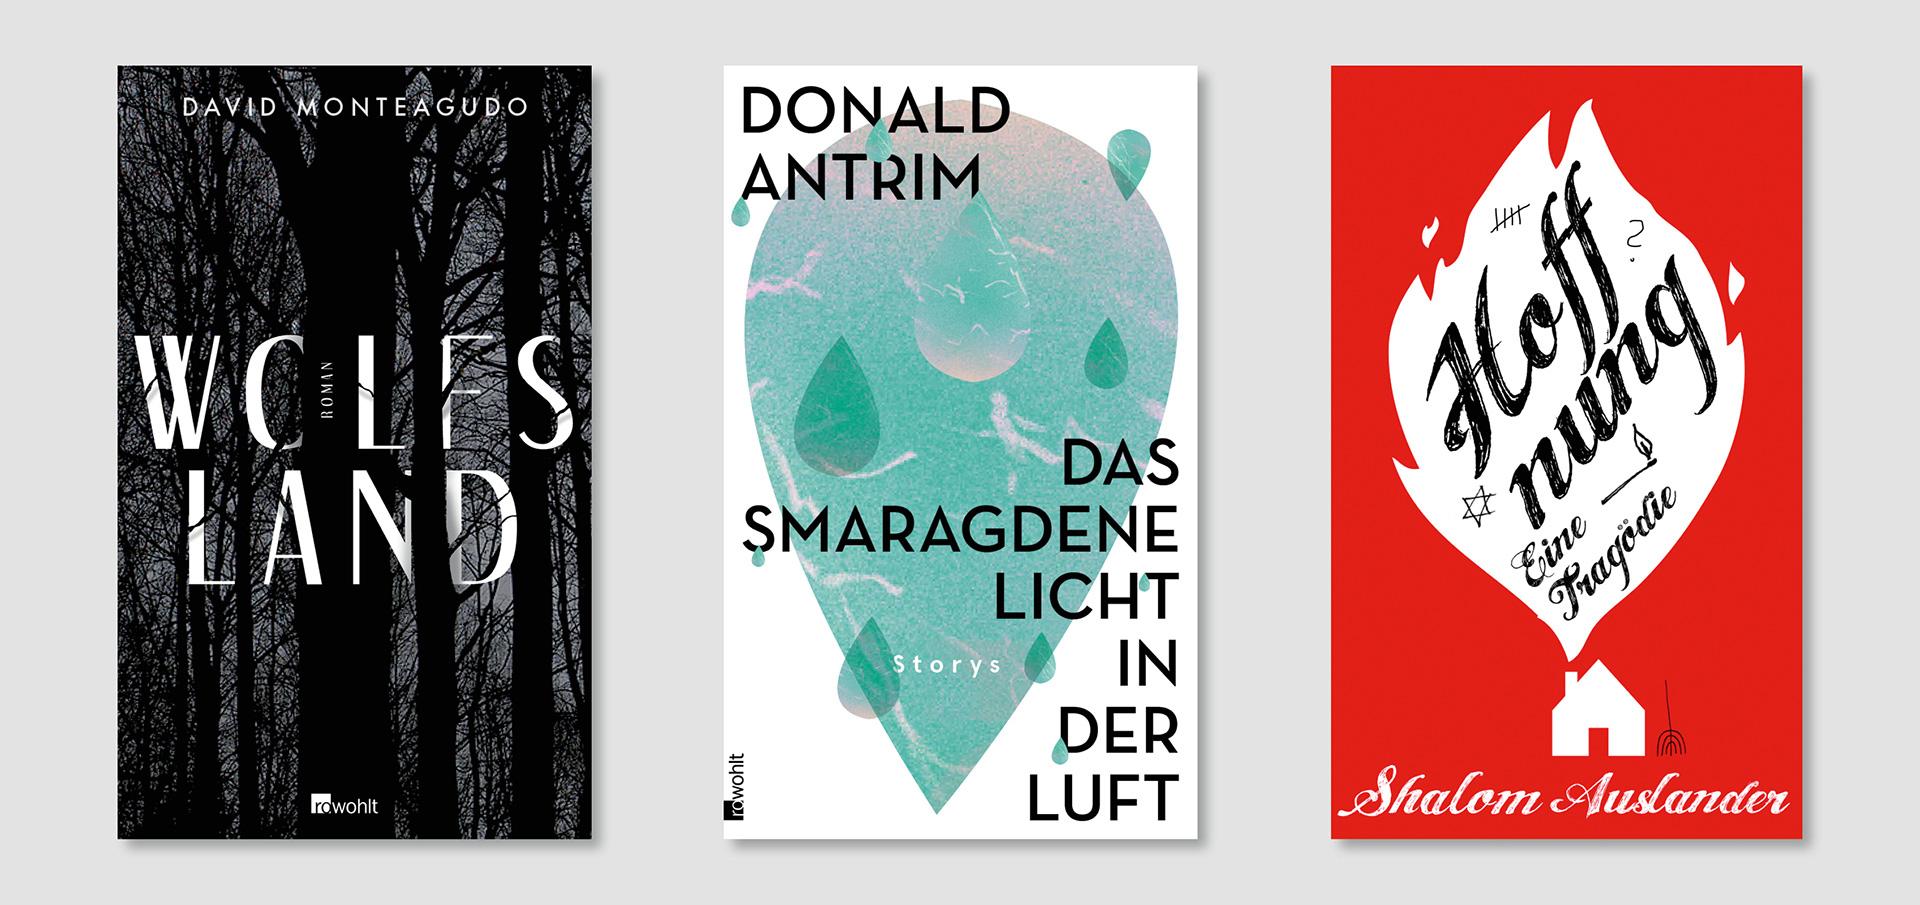 Martin-Steiner-Gestaltung-cover5